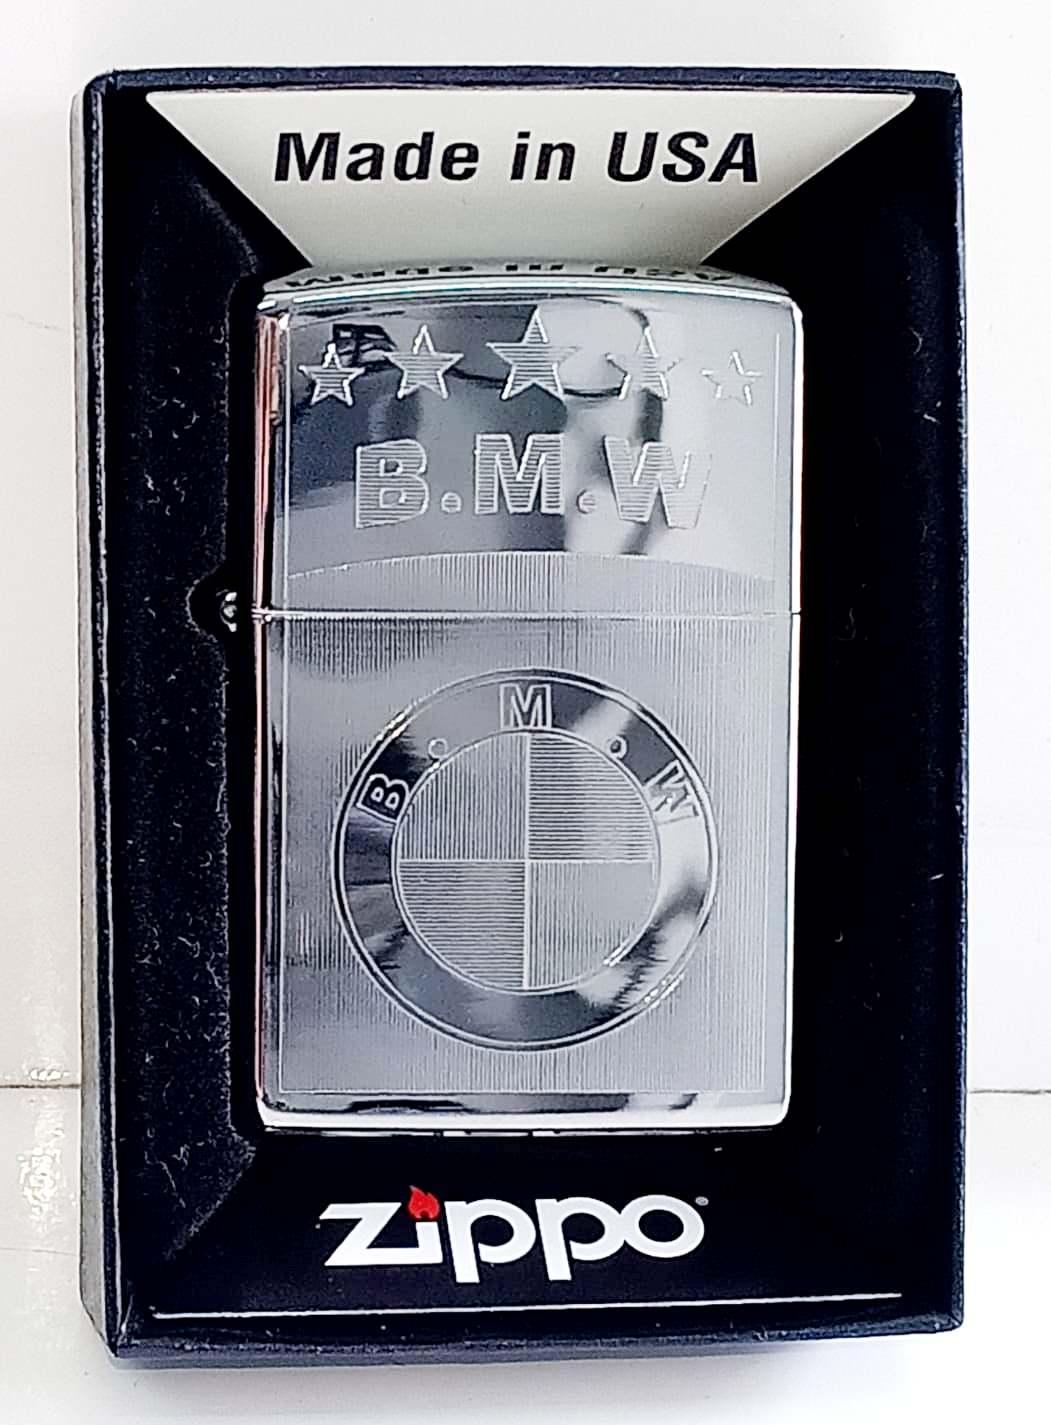 Zippo bong trang khac 1 mat B.M.W Z708